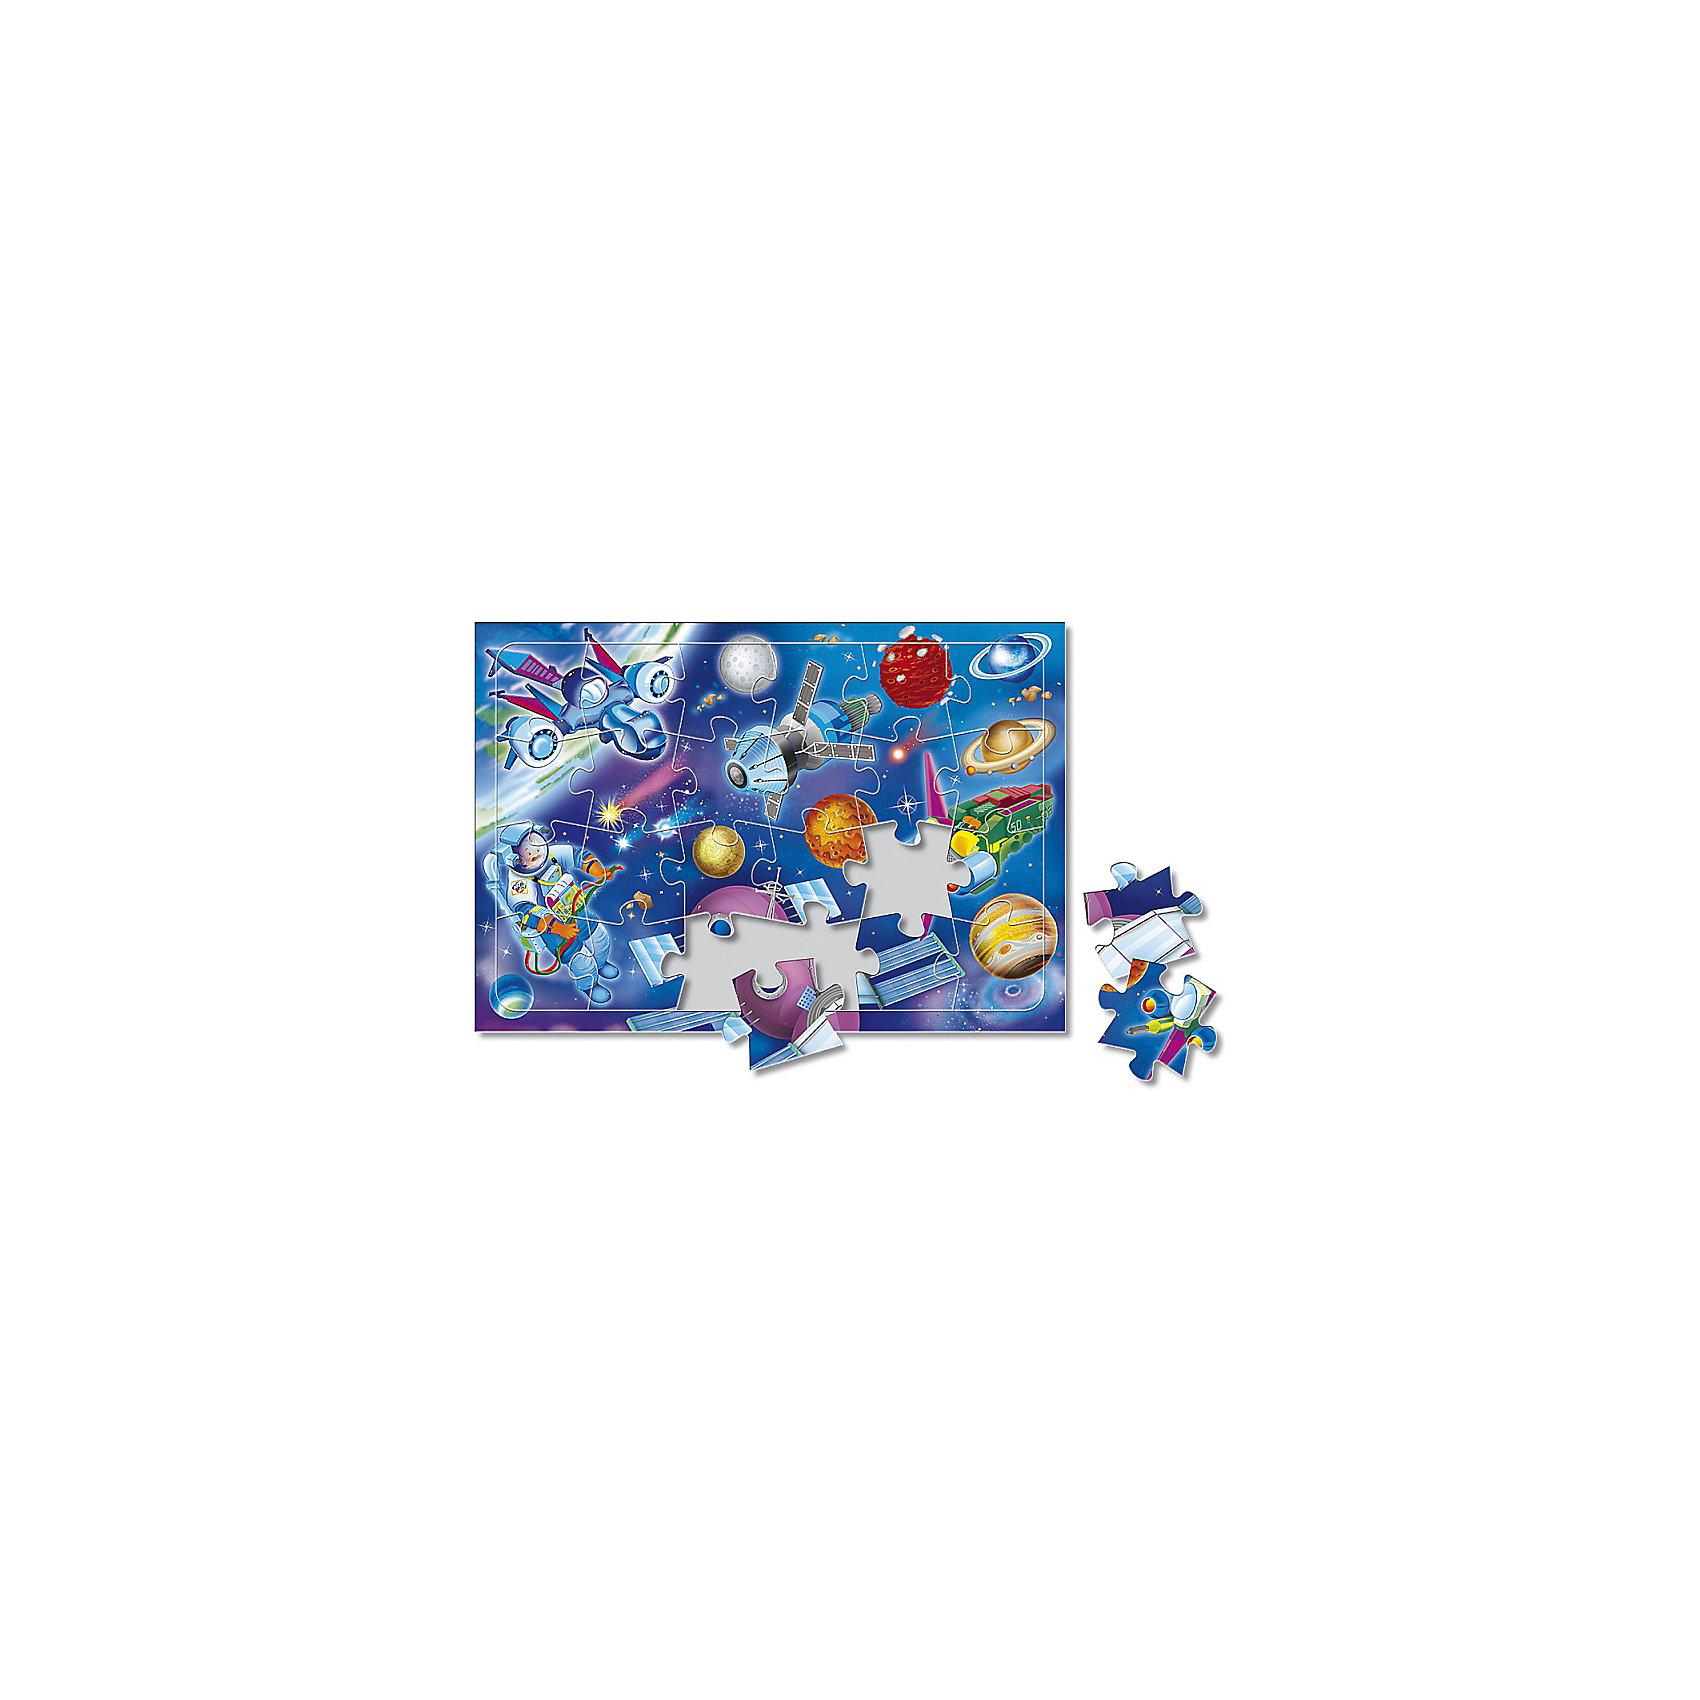 Пазл листовой на подложке В космосе, 24 деталиПазлы для малышей<br>Характеристики товара:<br><br>• возраст от 3 лет;<br>• материал: картон;<br>• в комплекте: 24 детали;<br>• размер пазла 20х28,5 см;<br>• размер упаковки 29х20х5 см;<br>• страна производитель: Россия.<br><br>Пазл листовой на подложке «В космосе» ГеоДом позволит малышам весело и познавательно провести время. Малыш не только увлекательно проведет время, но и познакомится с планетами и звездами нашей Вселенной. В процессе сборки пазла у малышей развивается пространственное мышление, моторика рук, внимательность.<br><br>Пазл листовой на подложке «В космосе» ГеоДом можно приобрести в нашем интернет-магазине.<br><br>Ширина мм: 290<br>Глубина мм: 200<br>Высота мм: 50<br>Вес г: 132<br>Возраст от месяцев: 36<br>Возраст до месяцев: 2147483647<br>Пол: Унисекс<br>Возраст: Детский<br>SKU: 5518187